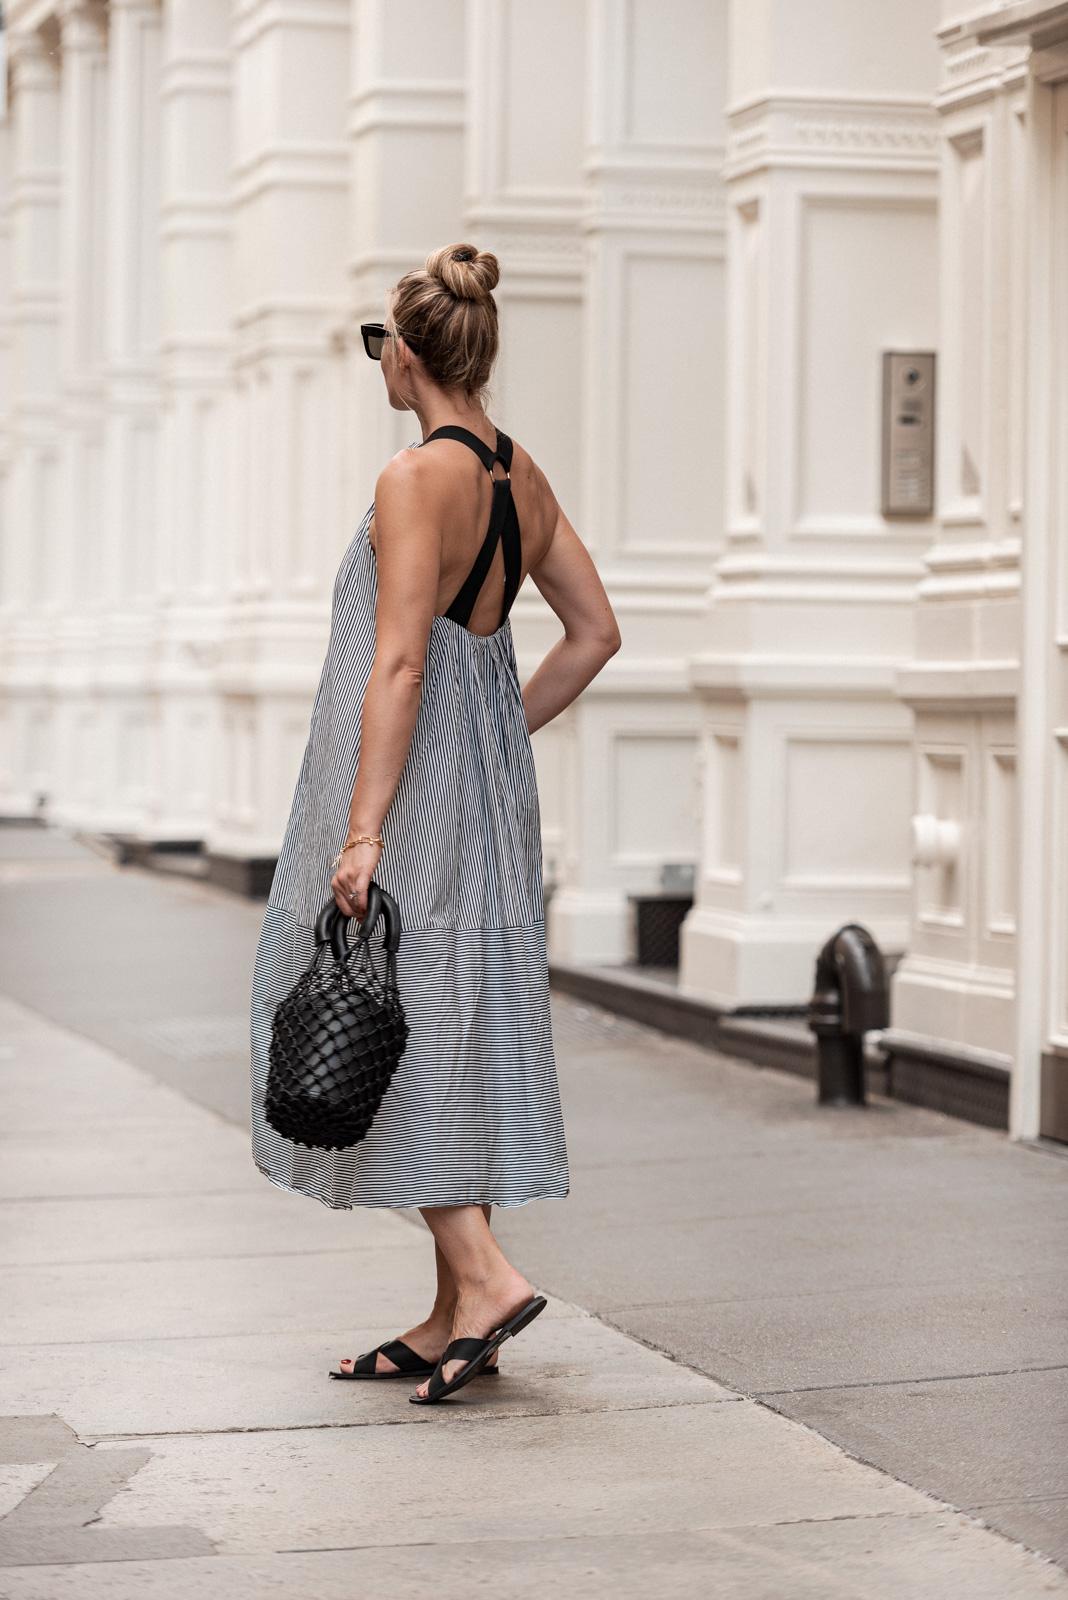 Laura Behnke The Life Actually Company Tibi Dress Soho New York